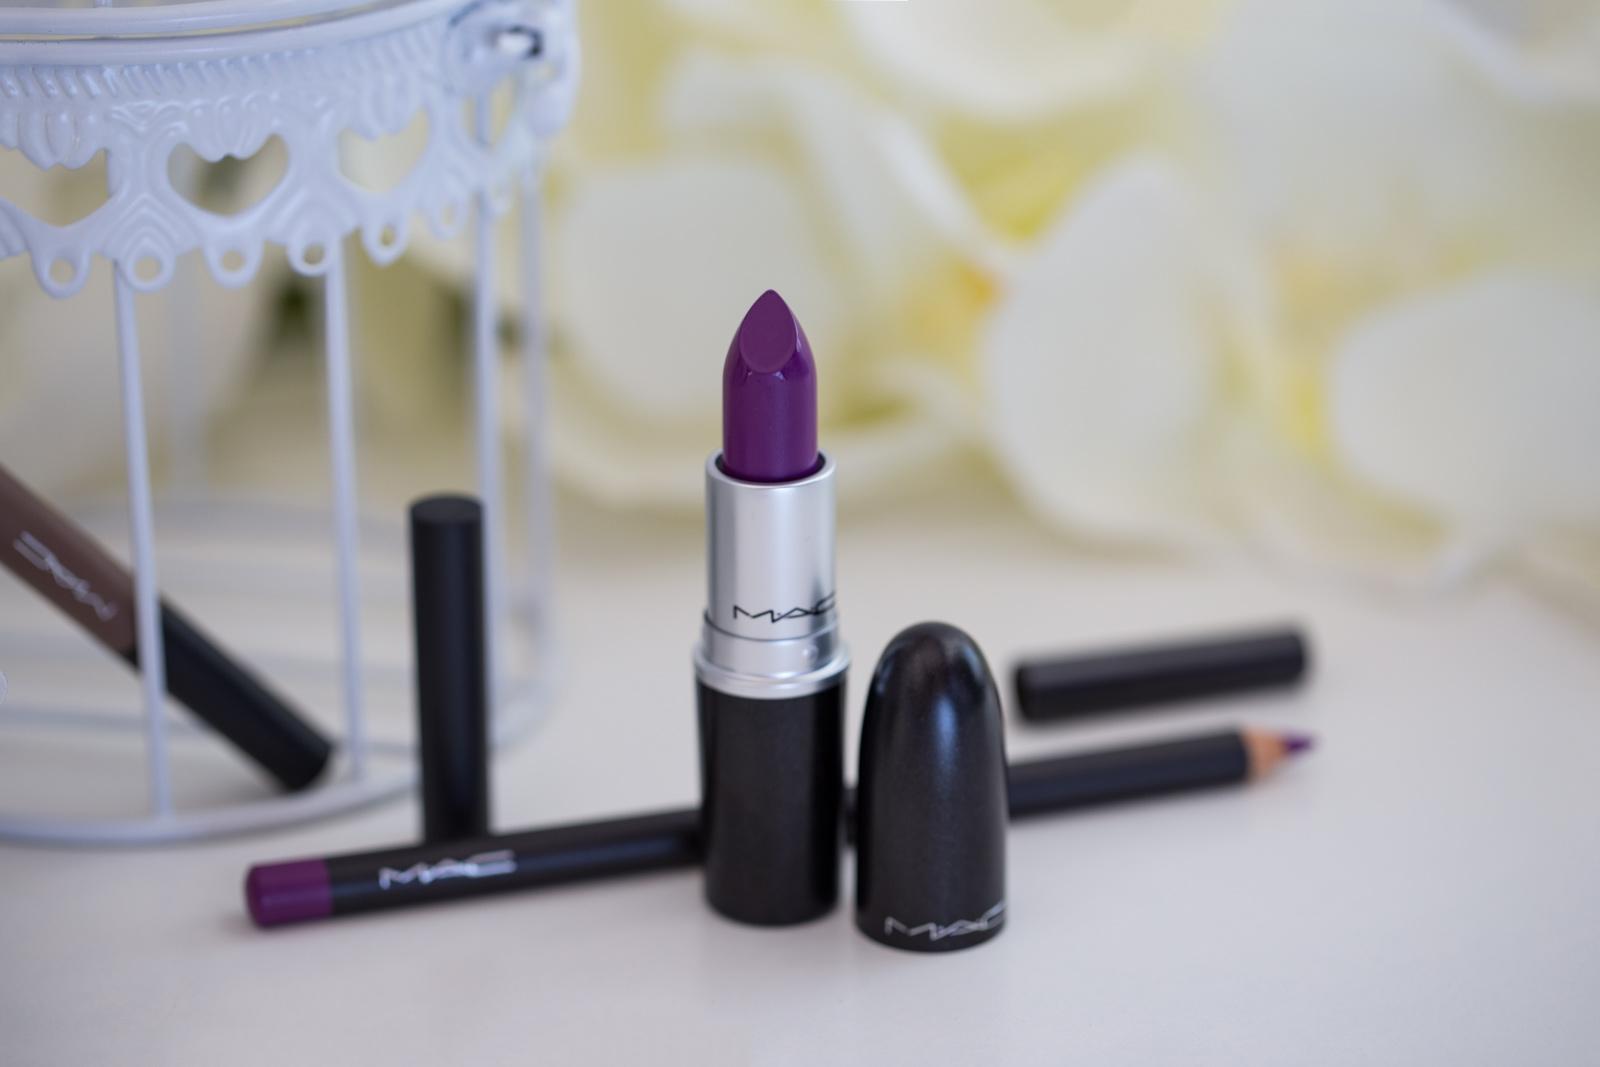 Foto_by_Nadja_Nemetz_Wien_MAC_Cosmetics_Heroine_Lippenstift_Beauty_Beatyblogger_Blogger_1